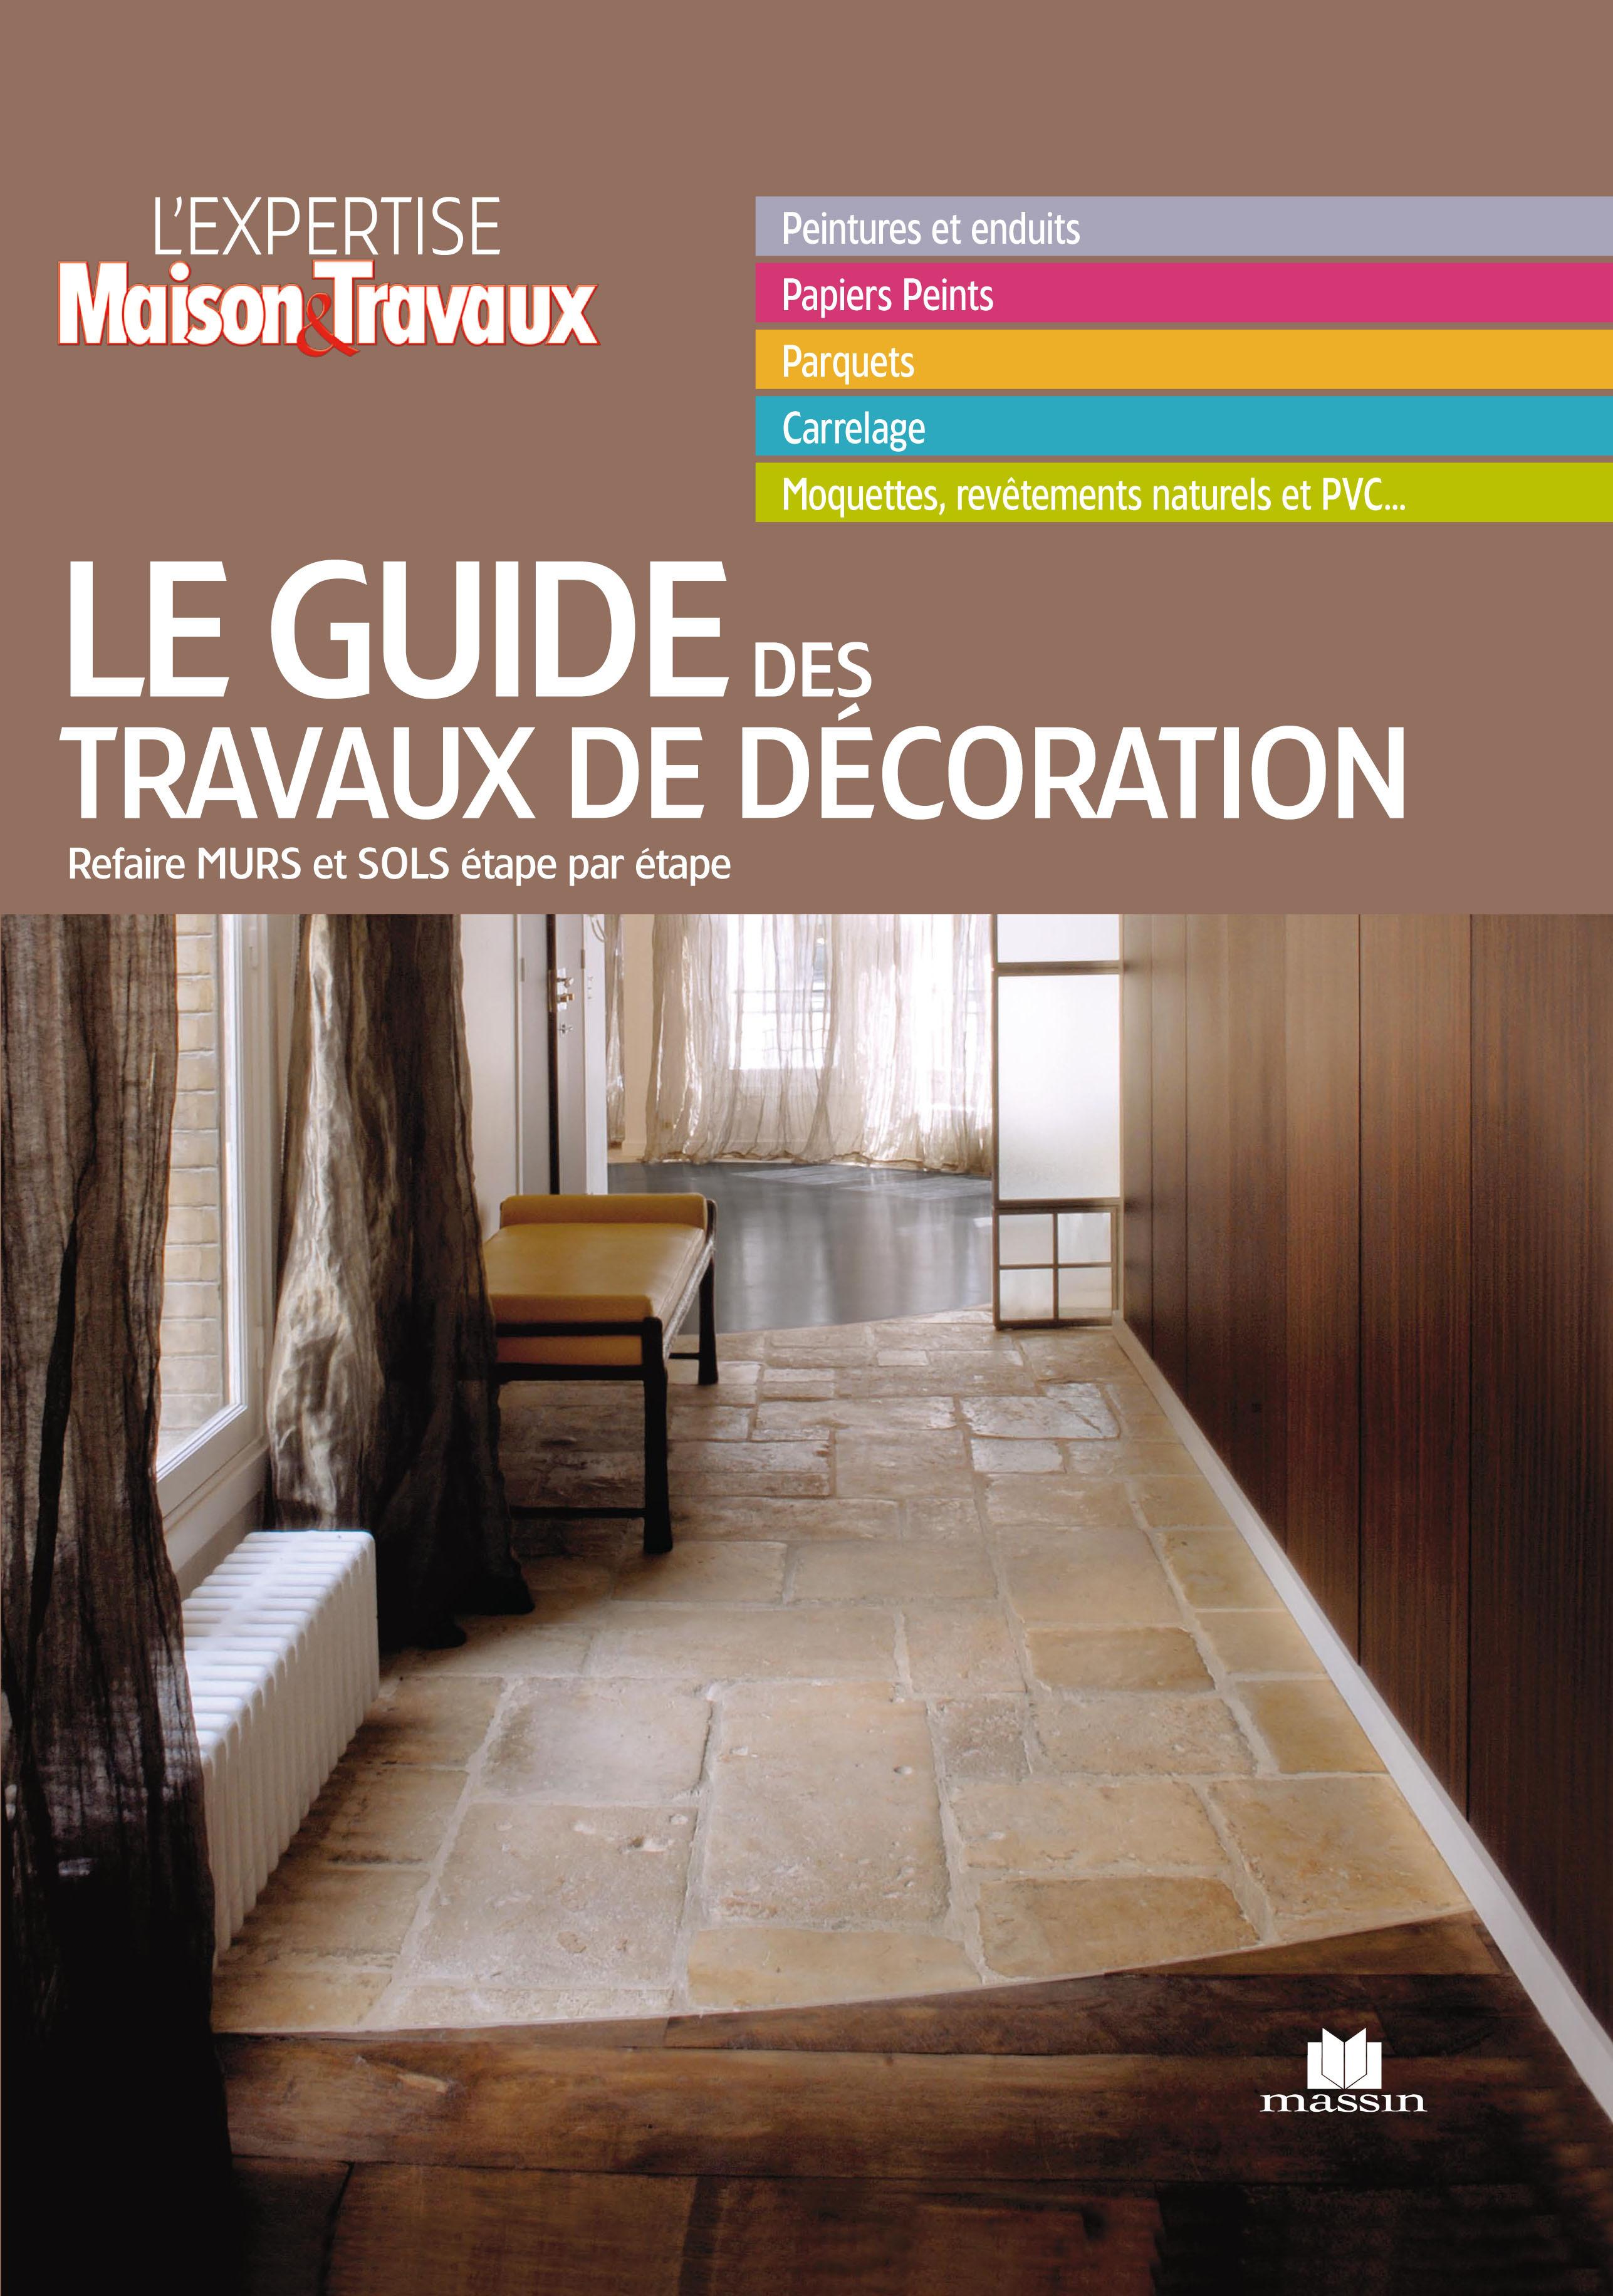 Le guide de la décoration intérieure